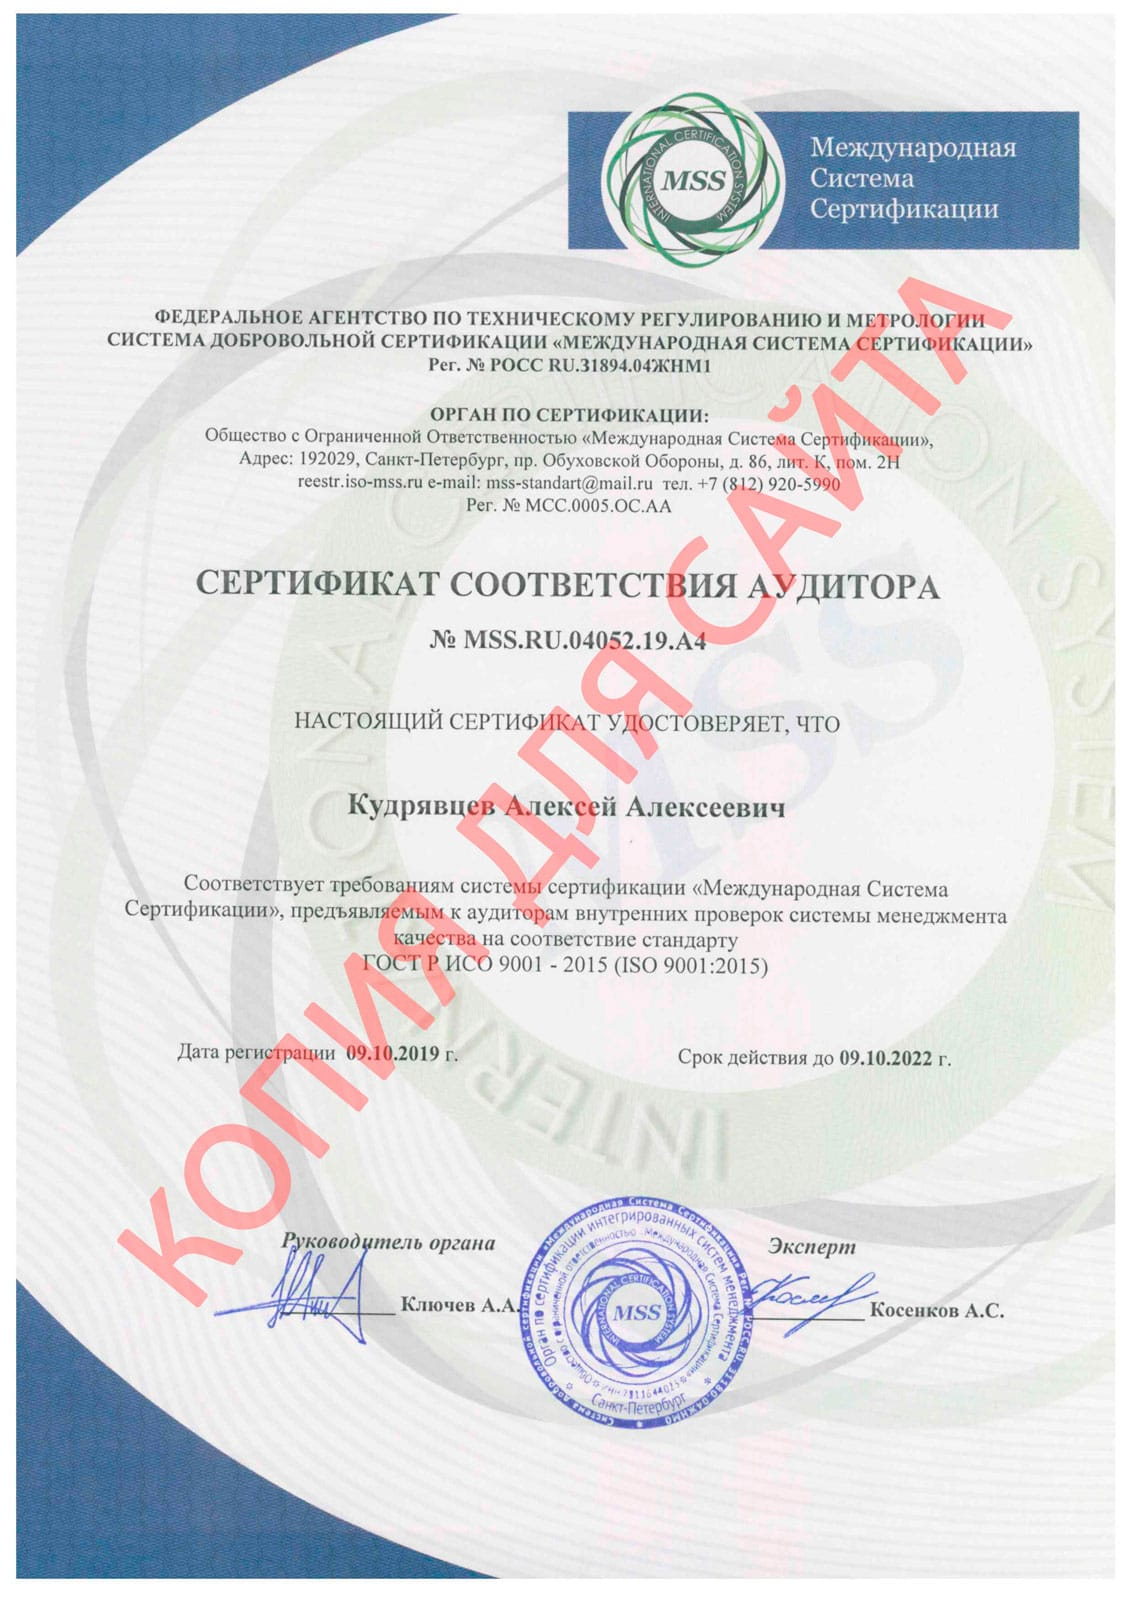 Сертификаты соответствия Часть 6